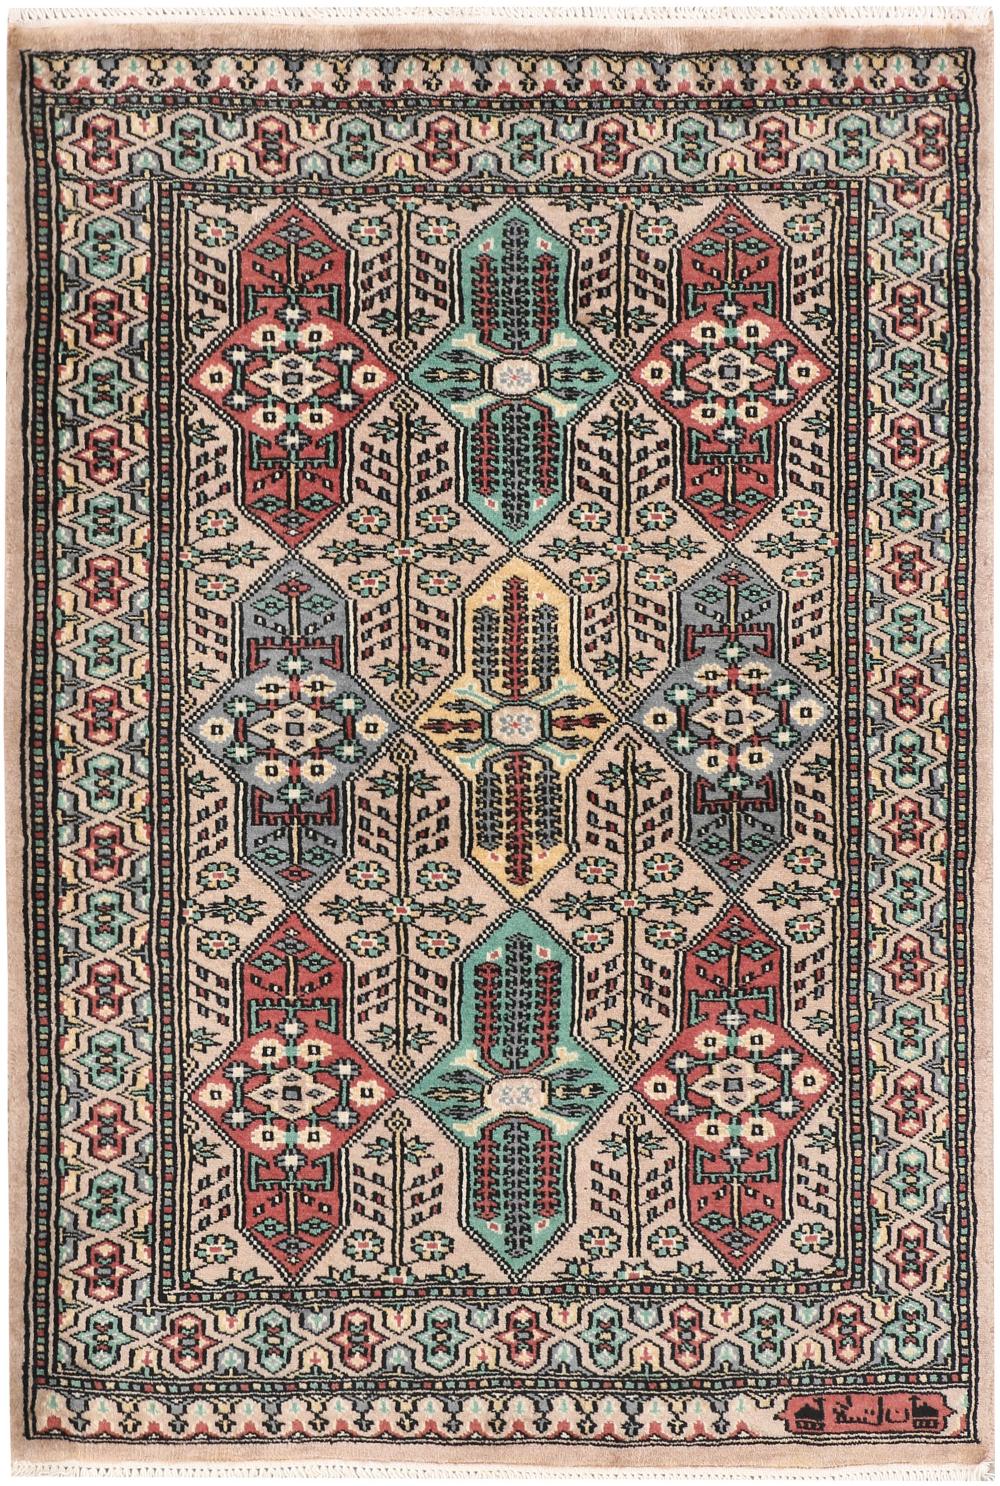 Buy Tan Caucasian 2 6 In 2020 Handmade Rug Bokhara Rugs Caucasian Rug